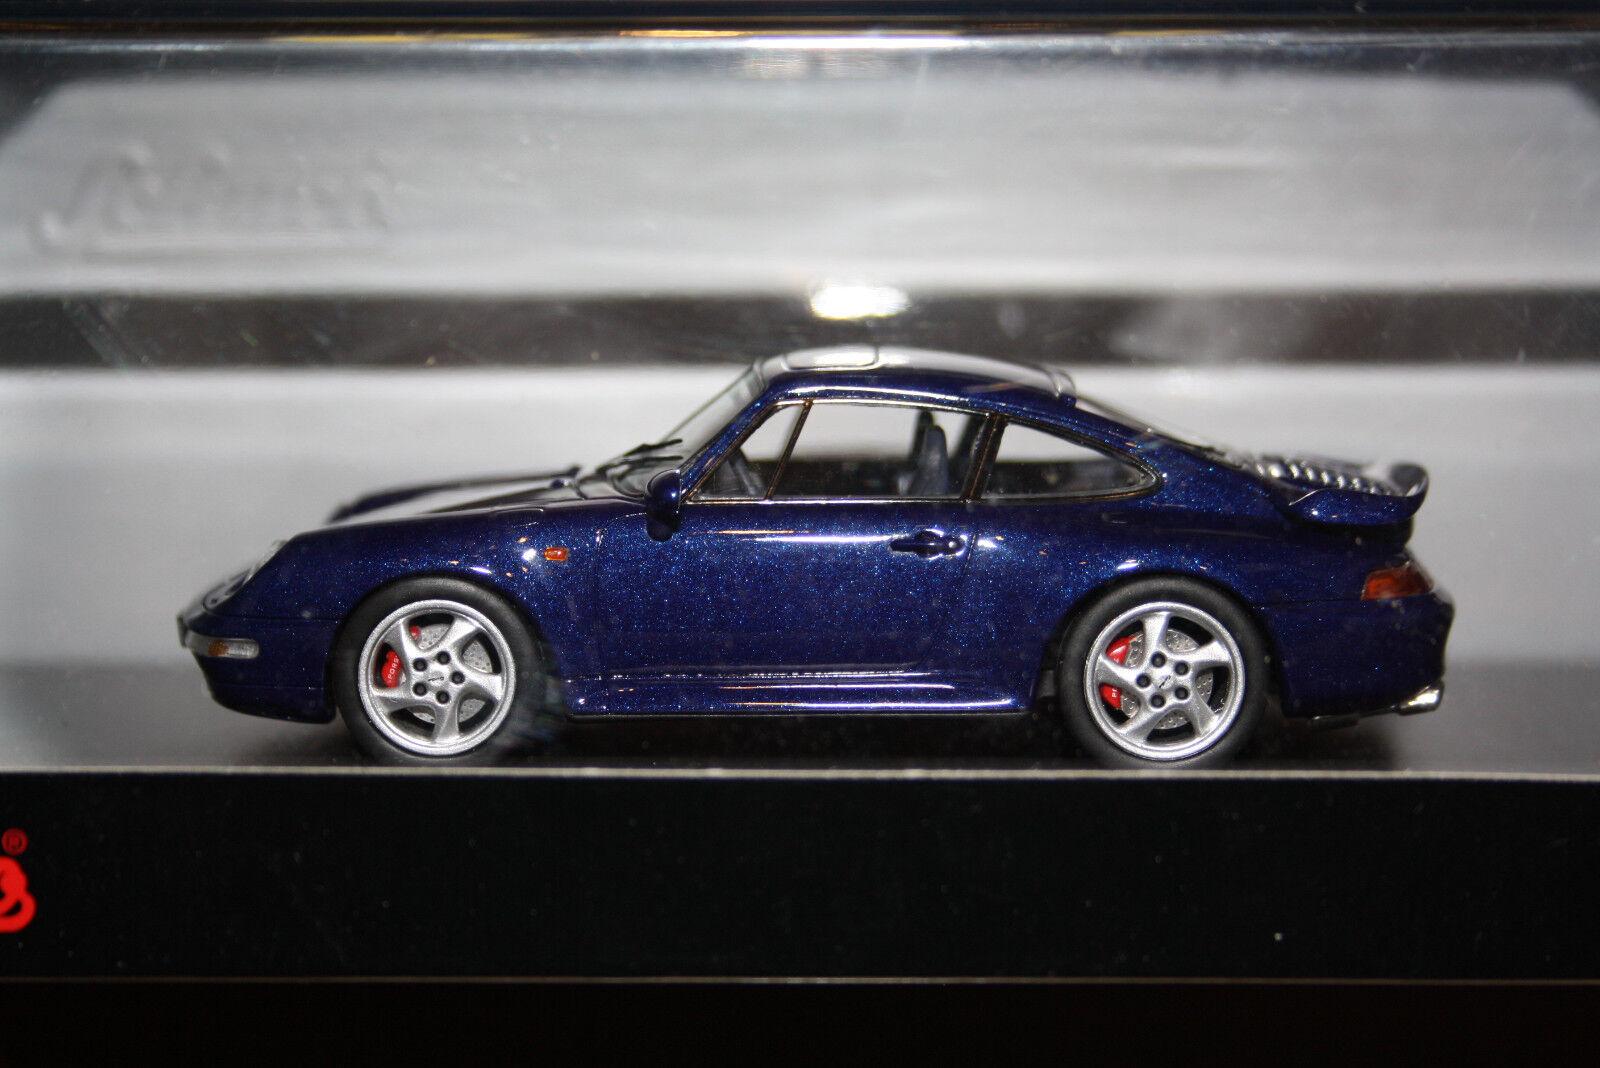 Schuco Porsche 911 Turbo bleu pror 43 Nº 450887500